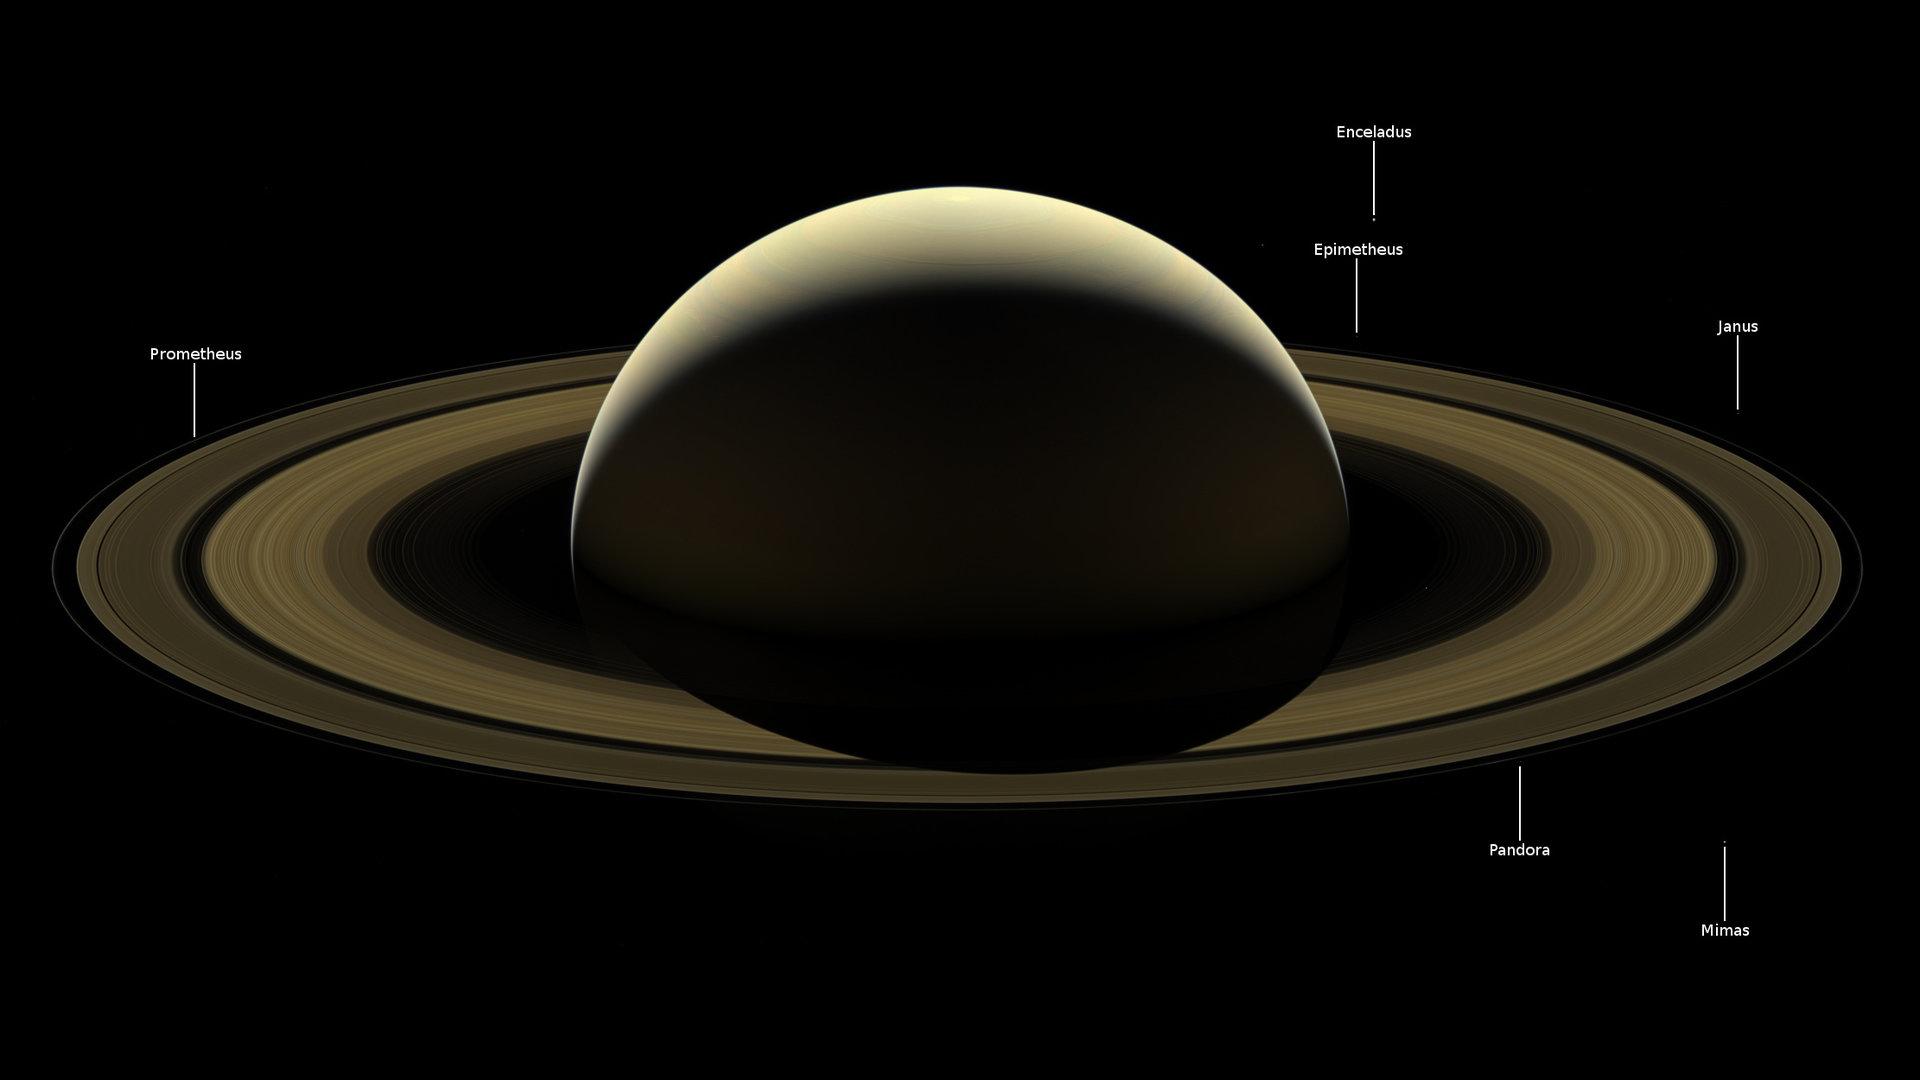 5a1878e83dbef48a6a8b7b56-1920-1080 Saturn.jpg